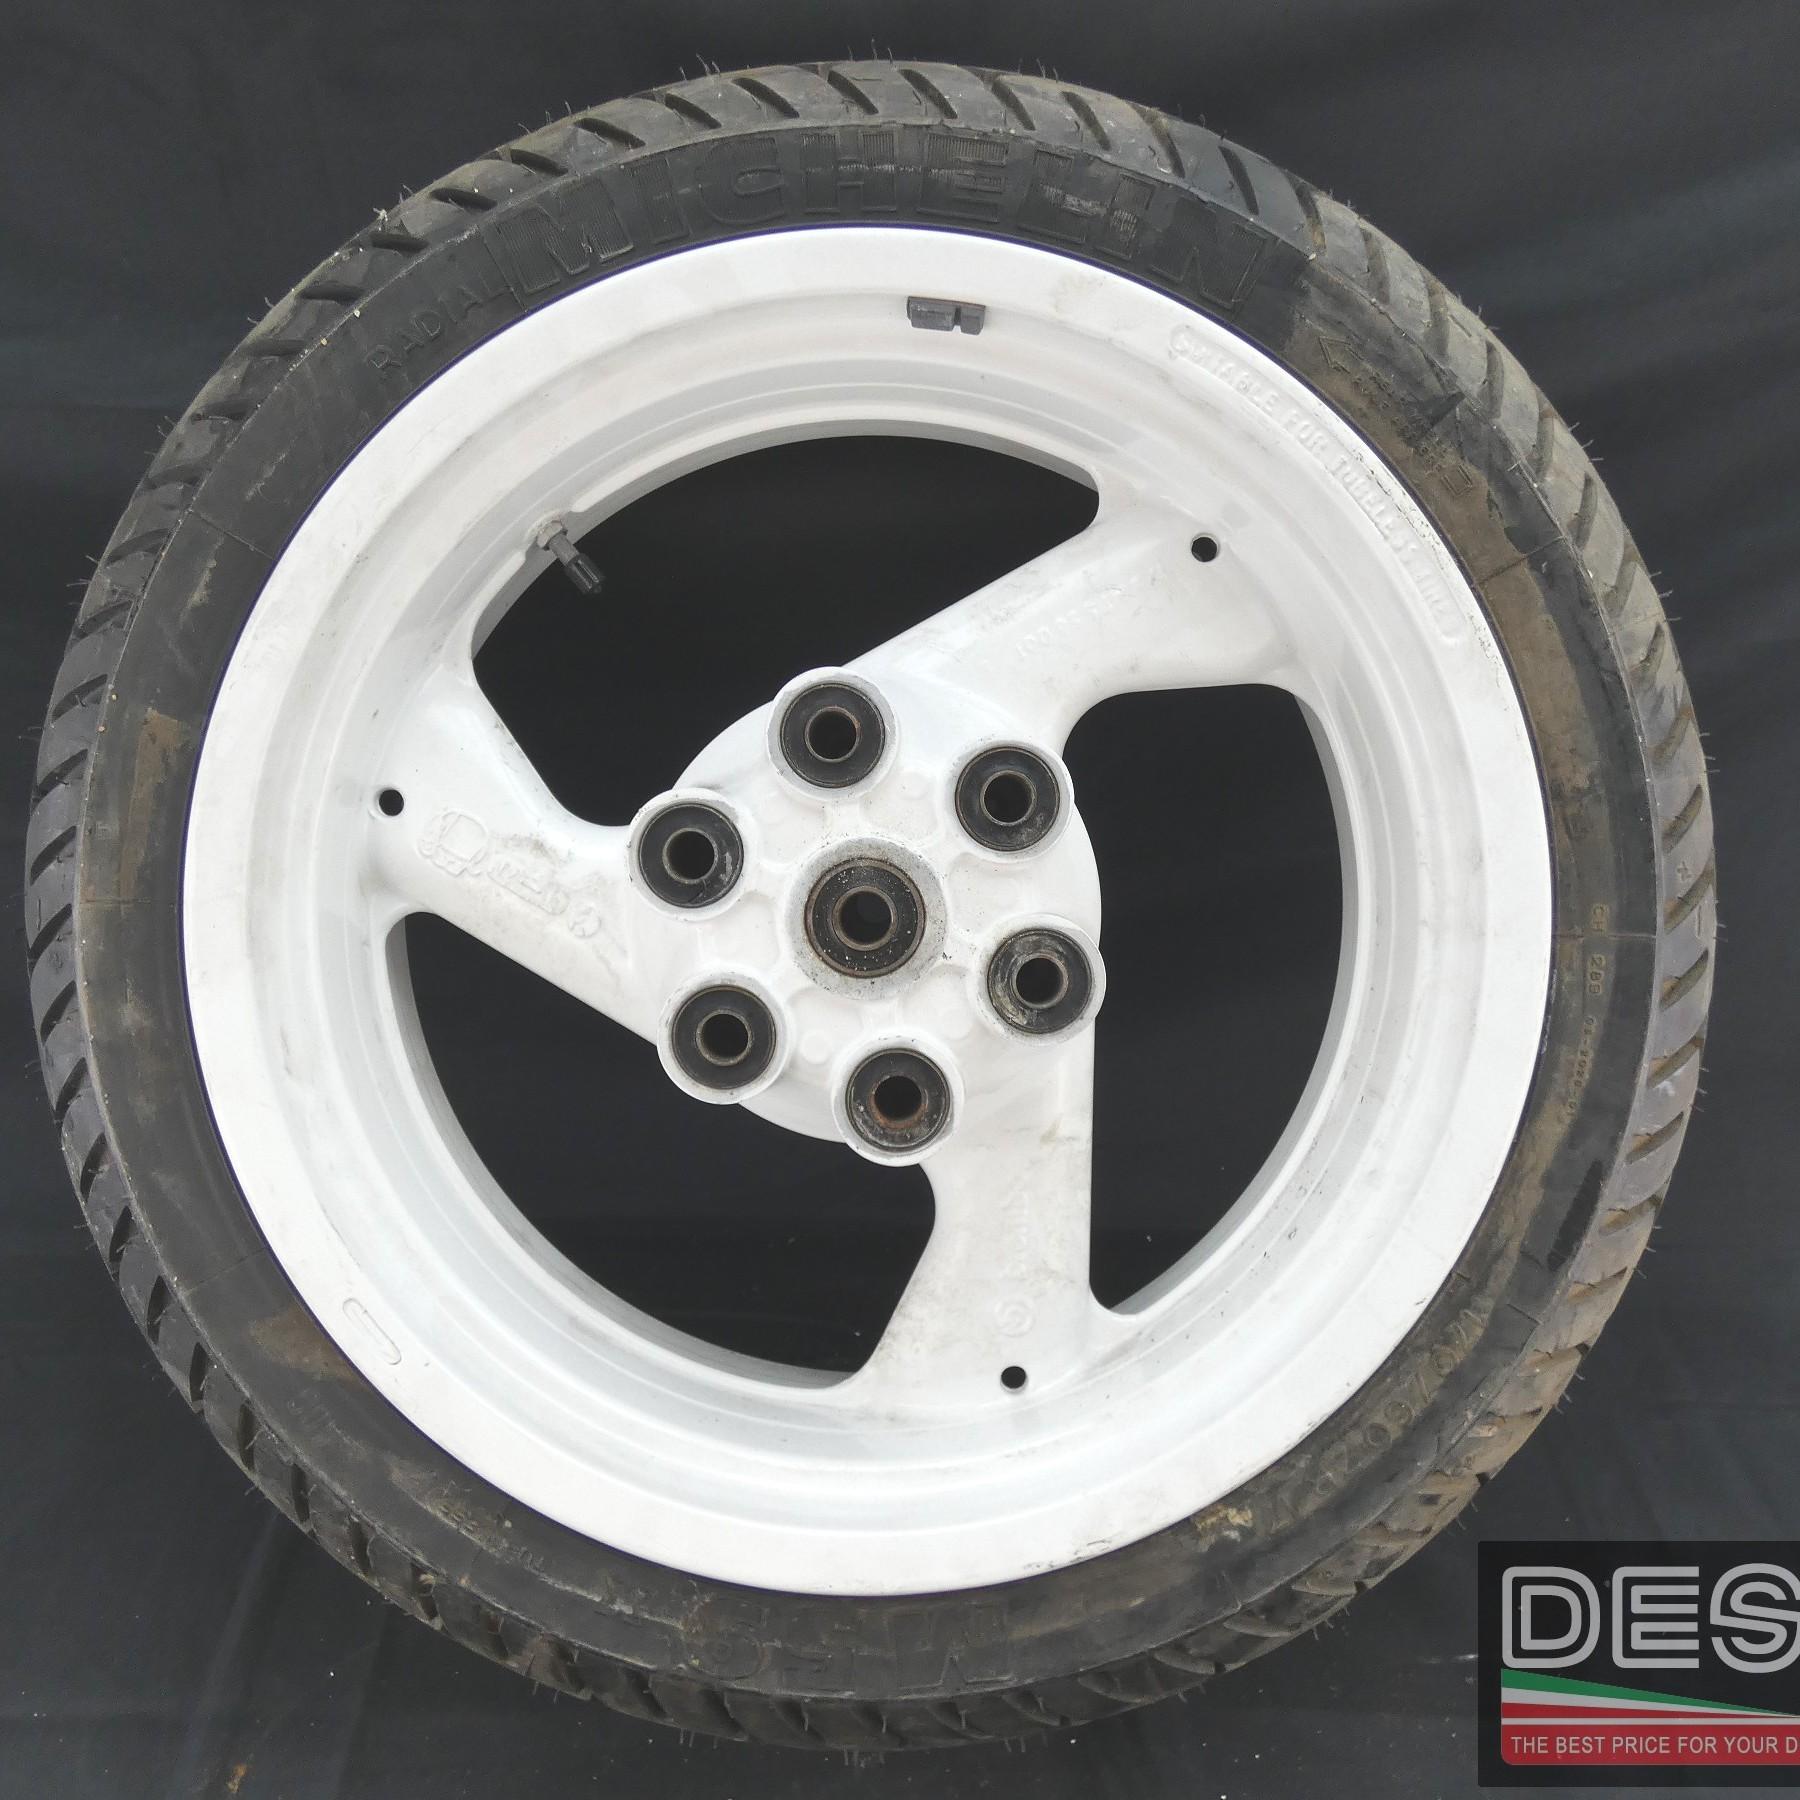 Cerchio Brembo bianco tre razze 5,5 x 17 Ducati Supersport 900 MY 91